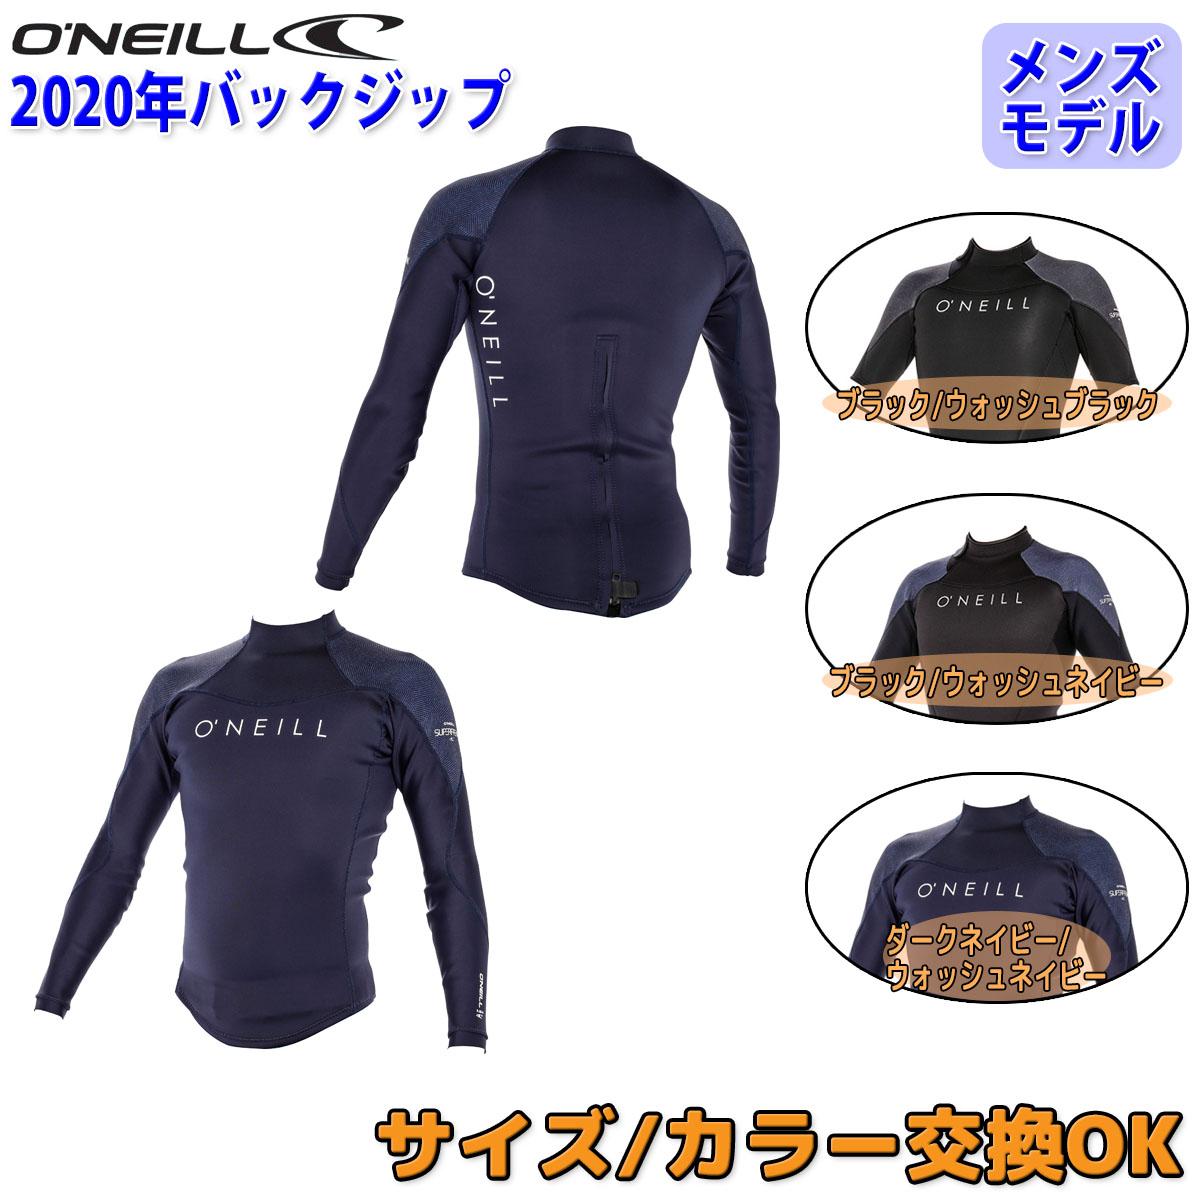 2020年4月上旬出荷 予約商品 20 O'NEILL オニール 長袖タッパー ウェットスーツ ウエットスーツ バックジップ バックジッパー バリュー 春夏用 メンズモデル 2020年 SUPERFREAK スーパーフリーク品番 WF-7090 日本正規品